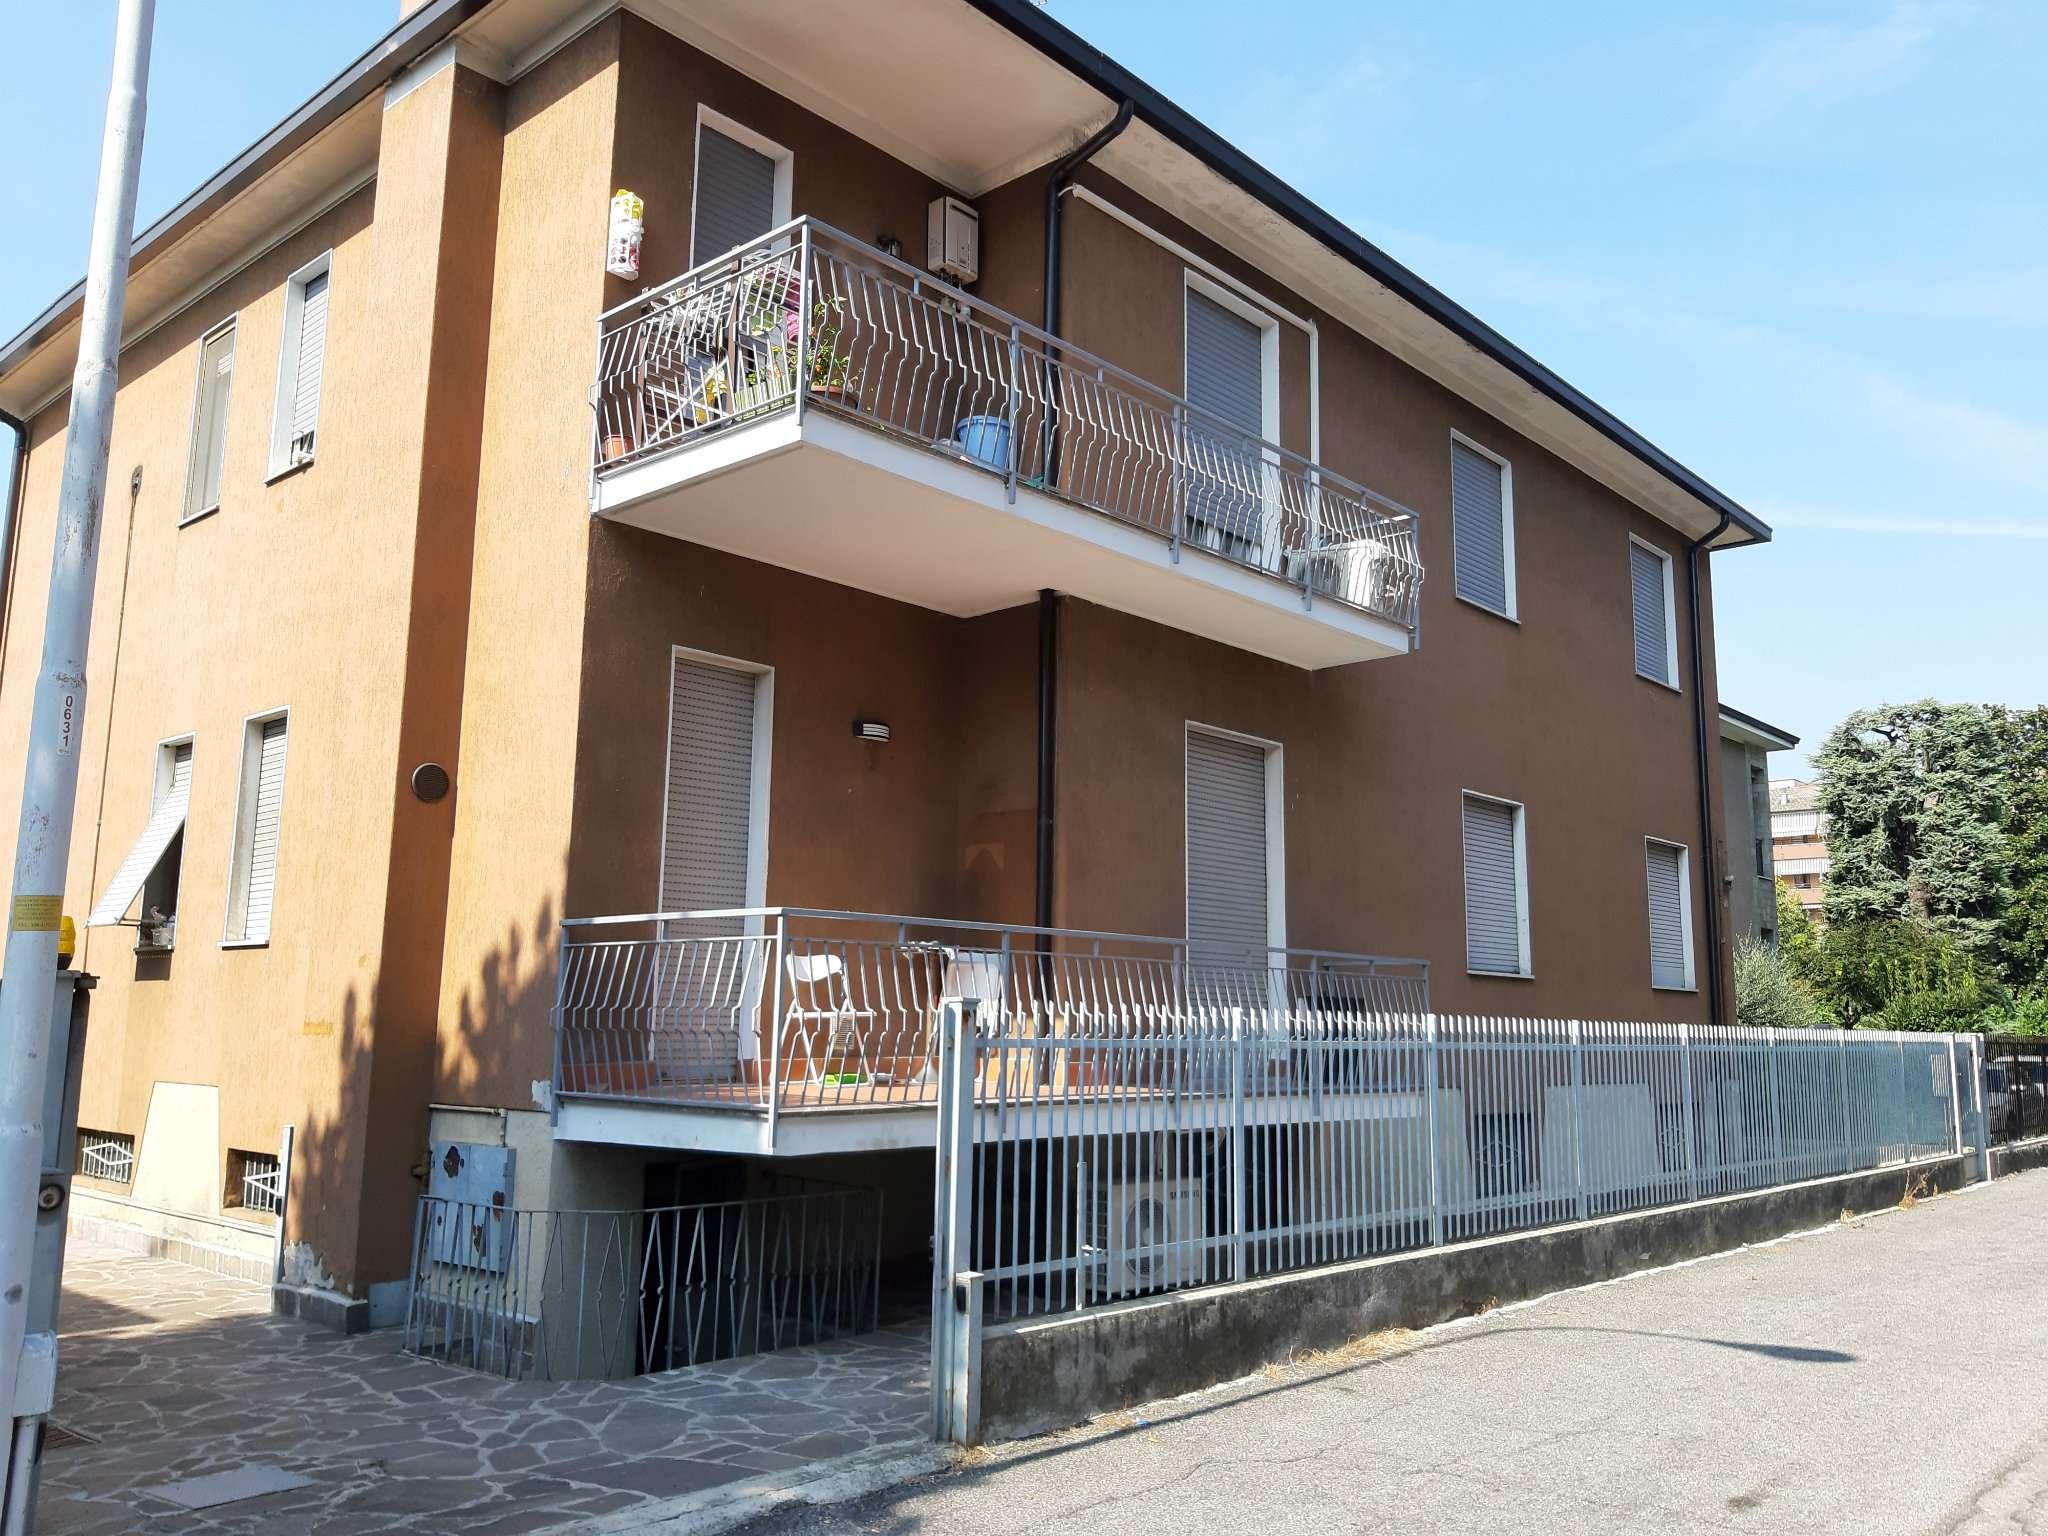 Appartamento in vendita a Gorgonzola, 3 locali, prezzo € 190.000   PortaleAgenzieImmobiliari.it